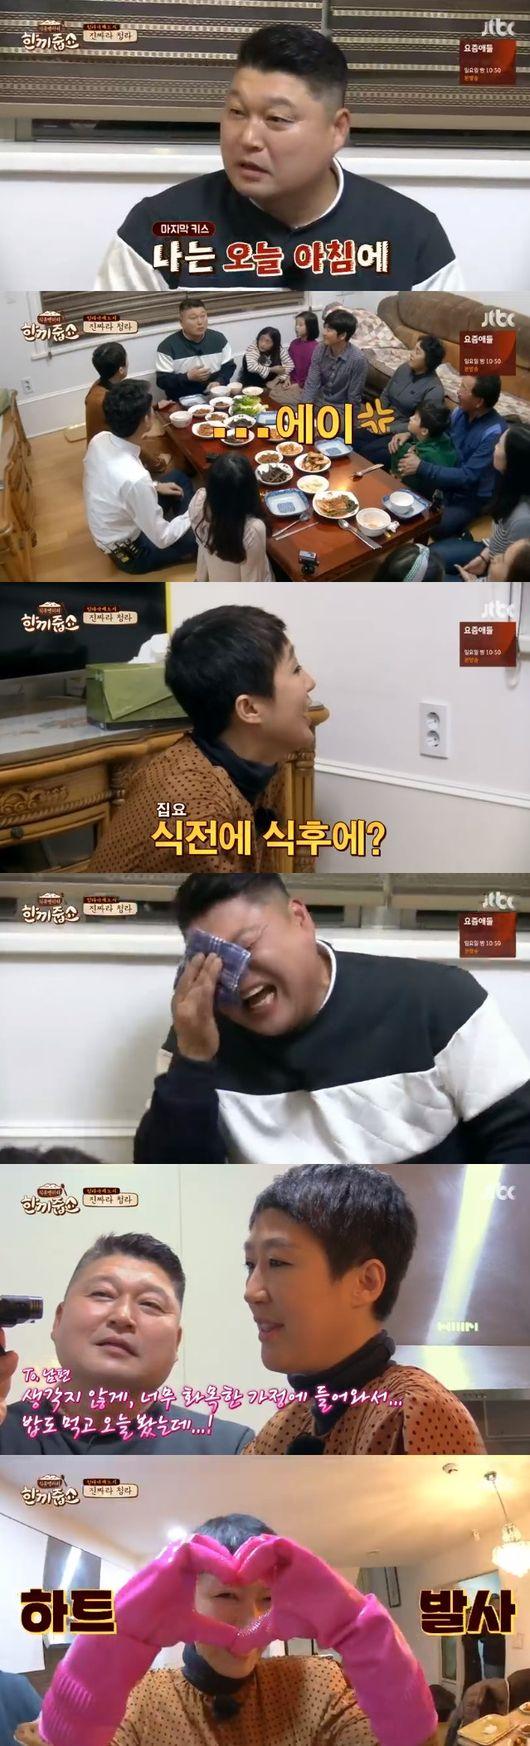 """""""마지막 키스? 오늘 아침""""..'한끼' 홍진경이 밝혀낸 사랑꾼 강호동 [어저께TV]"""